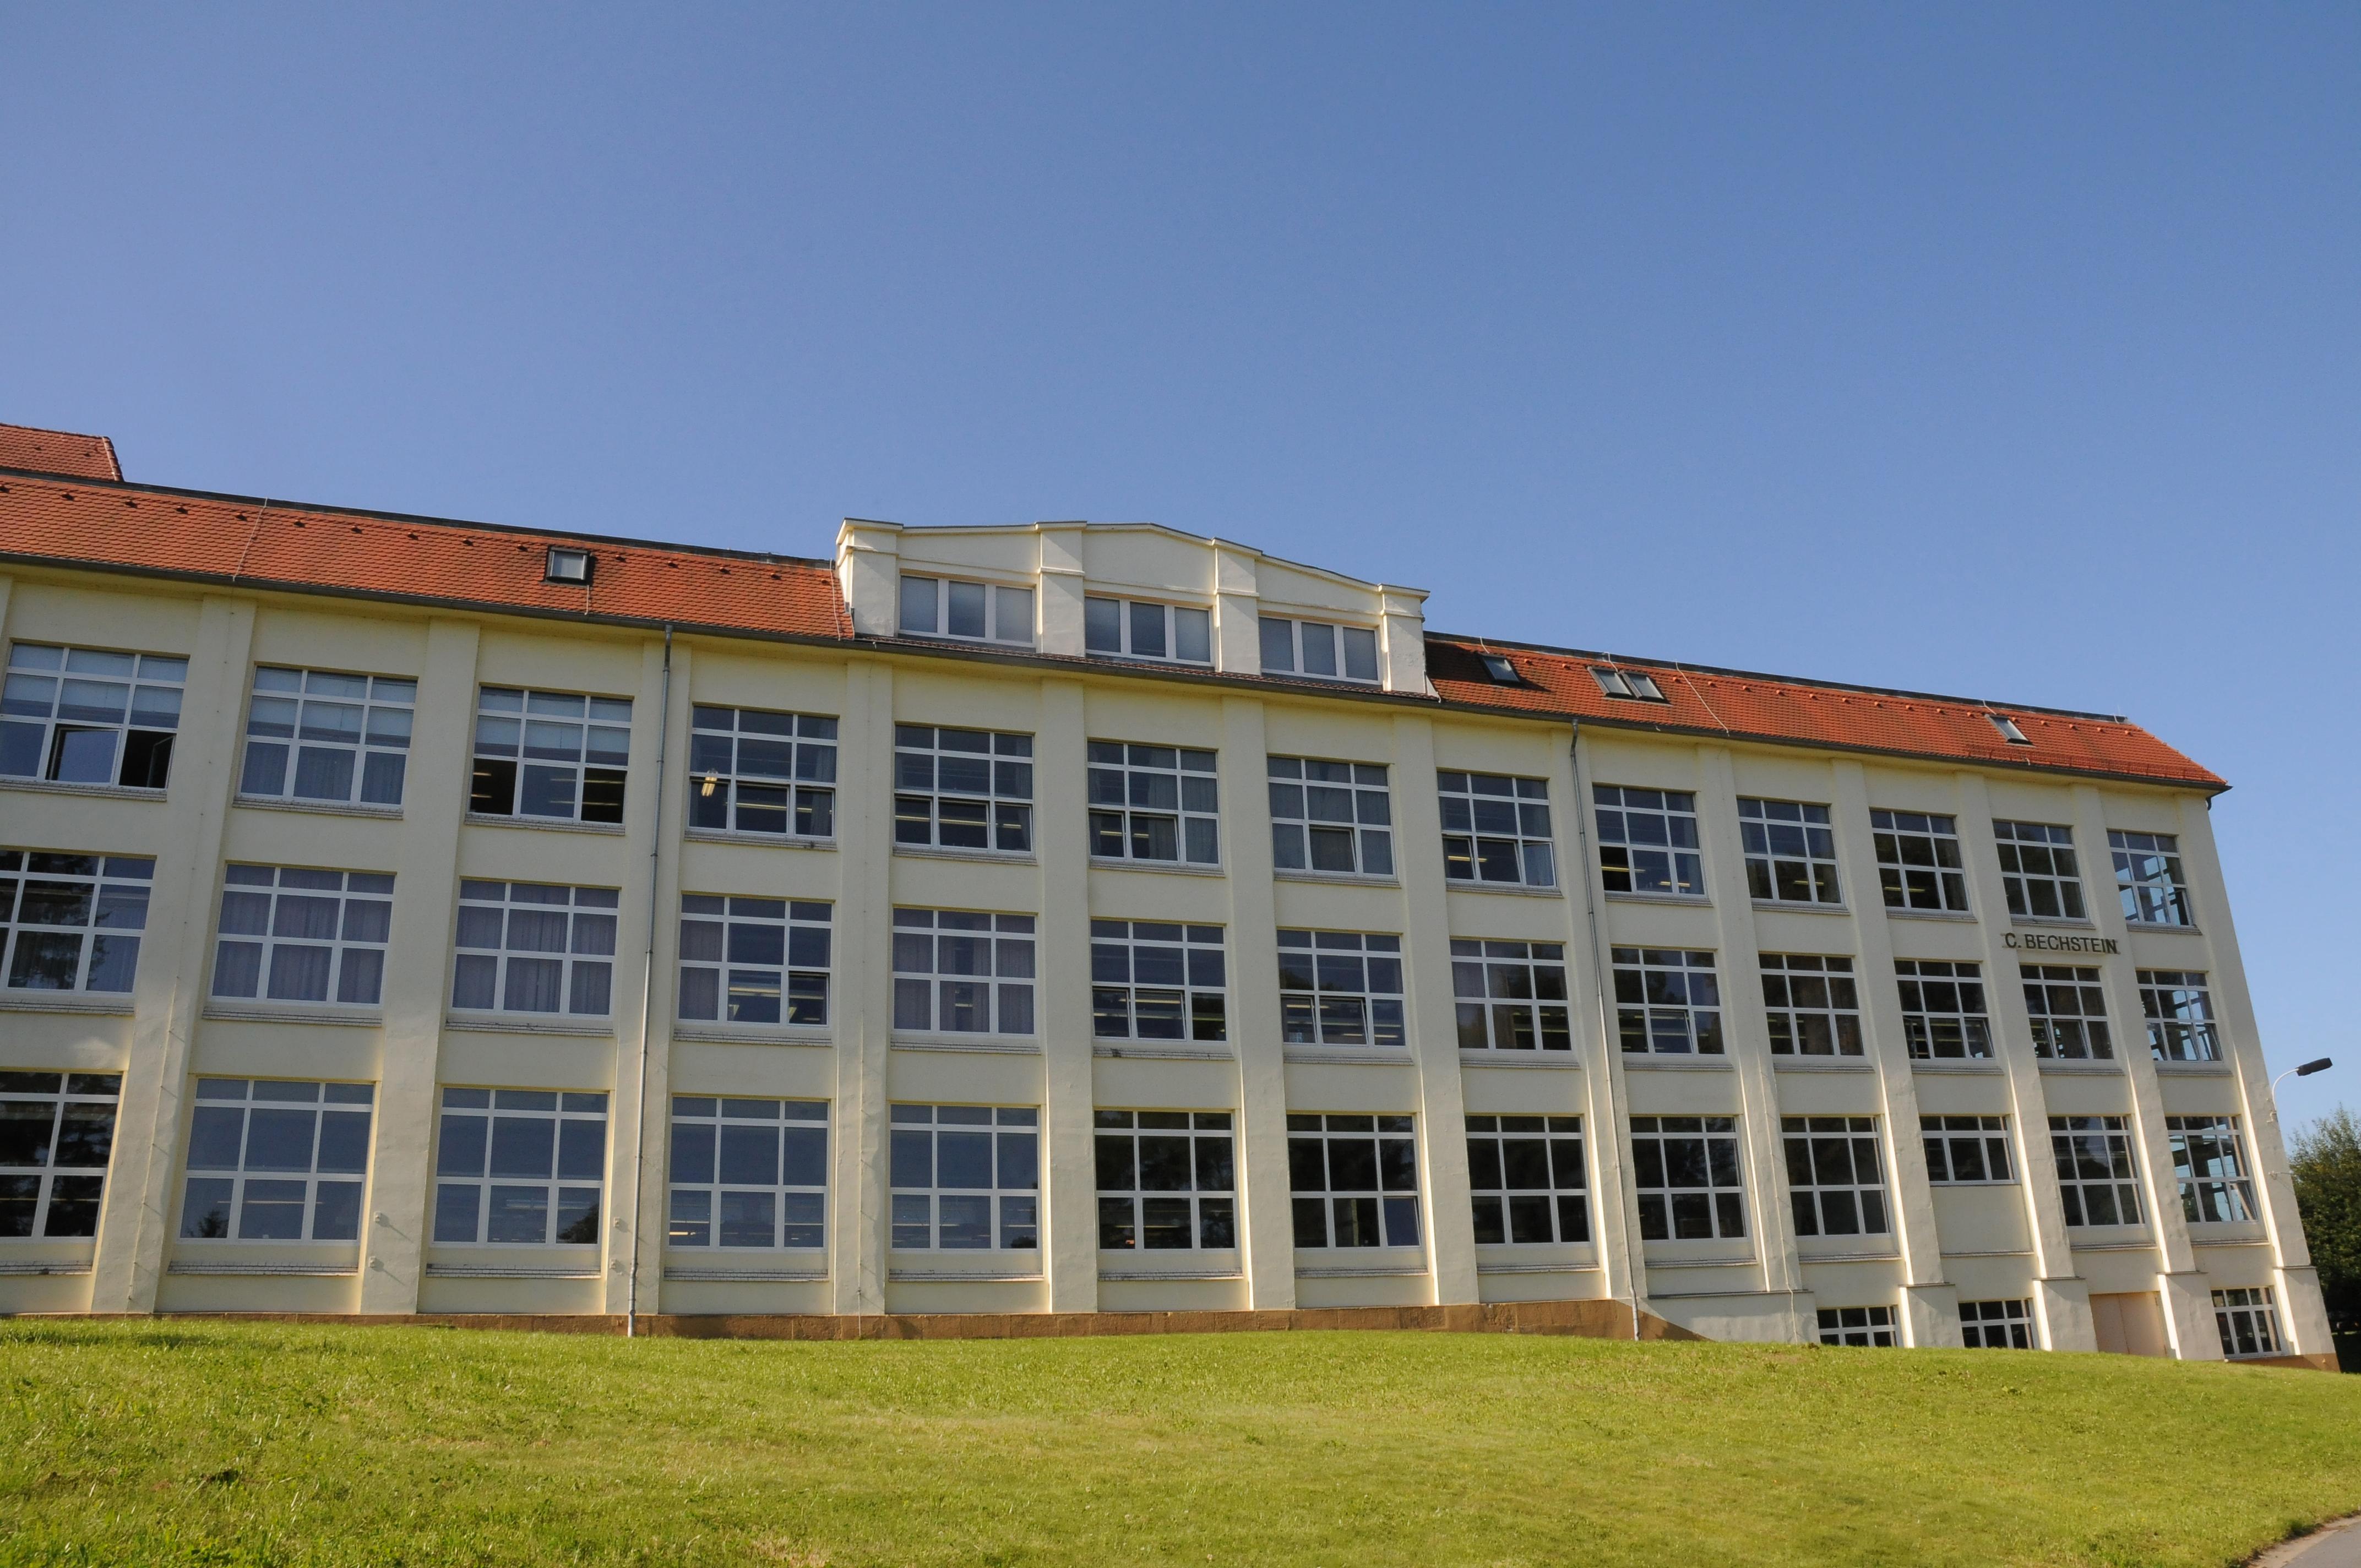 Das Gebäude der Pianoforte-Manufaktur C. Bechstein ist im sächsischen Seifhennersdorf auch kultureller Treffpunkt für Konzerte